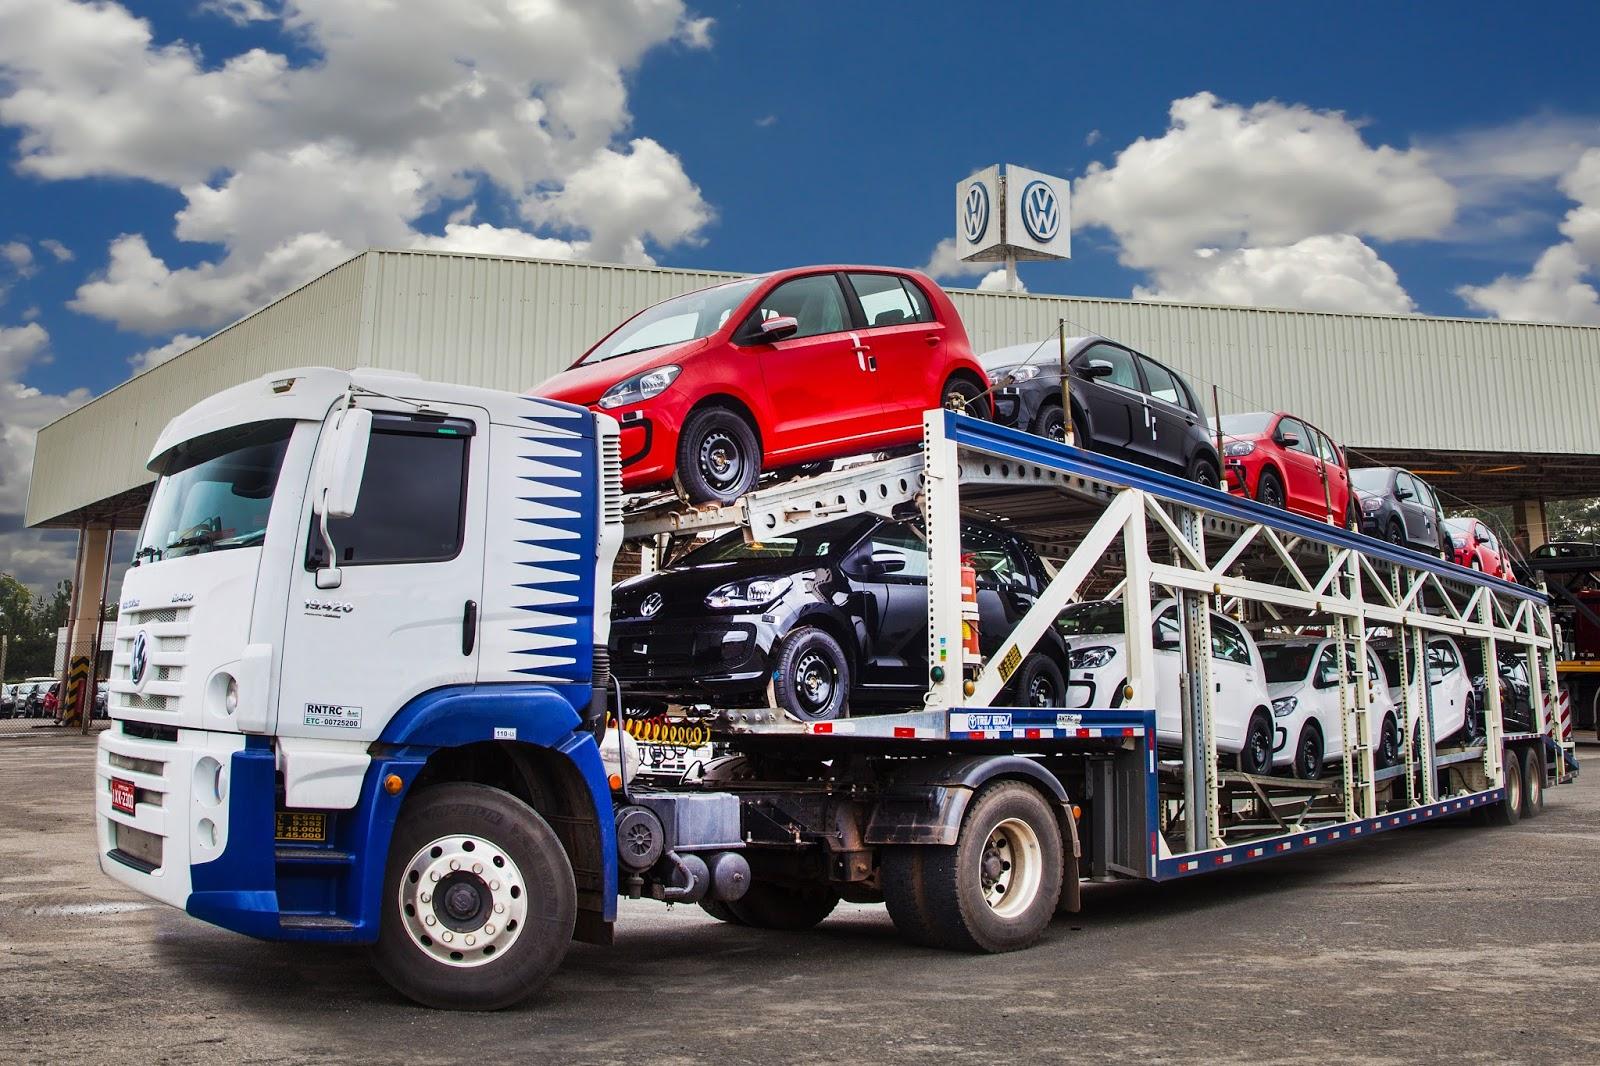 Volkswagen se firma como maior exportadora de carros do Brasil, com 3,5 milhões de unidades